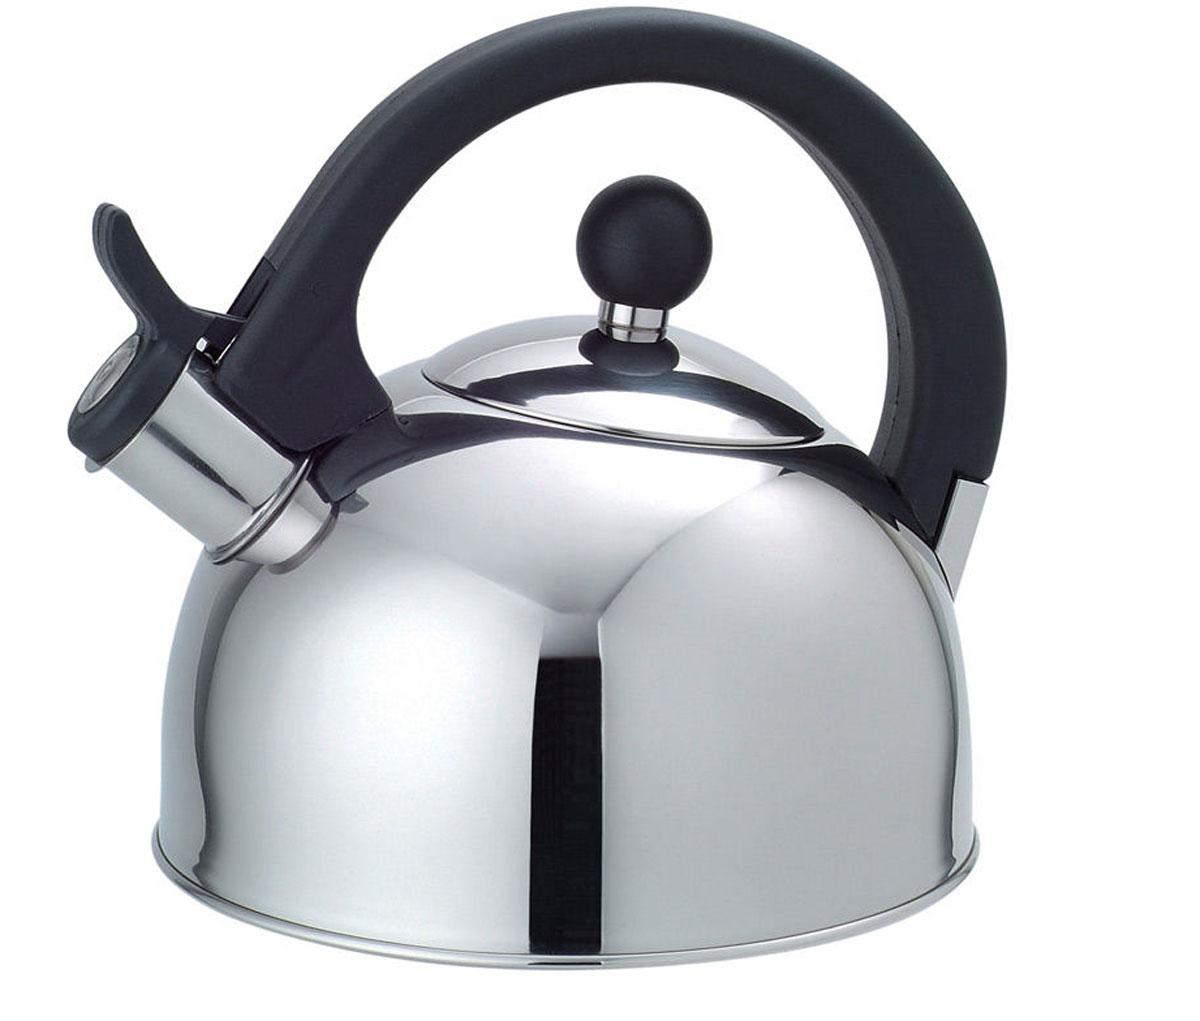 Чайник газовый Добрыня, 2,5 лDO-2903Чайник Добрыня окажется незаменимым помощником в приготовлении чая. Высококачественные материалы обеспечивают продолжительную и безопасную эксплуатацию изделия. Кроме оригинального дизайнерского решения, комбинация высококачественного металла и свистка с внешней поверхностью из бакелита, не позволяет обжечься о раскаленный носик чайника при открытии клапана, для того, чтобы набрать воду или разлить кипяток по чашкам.